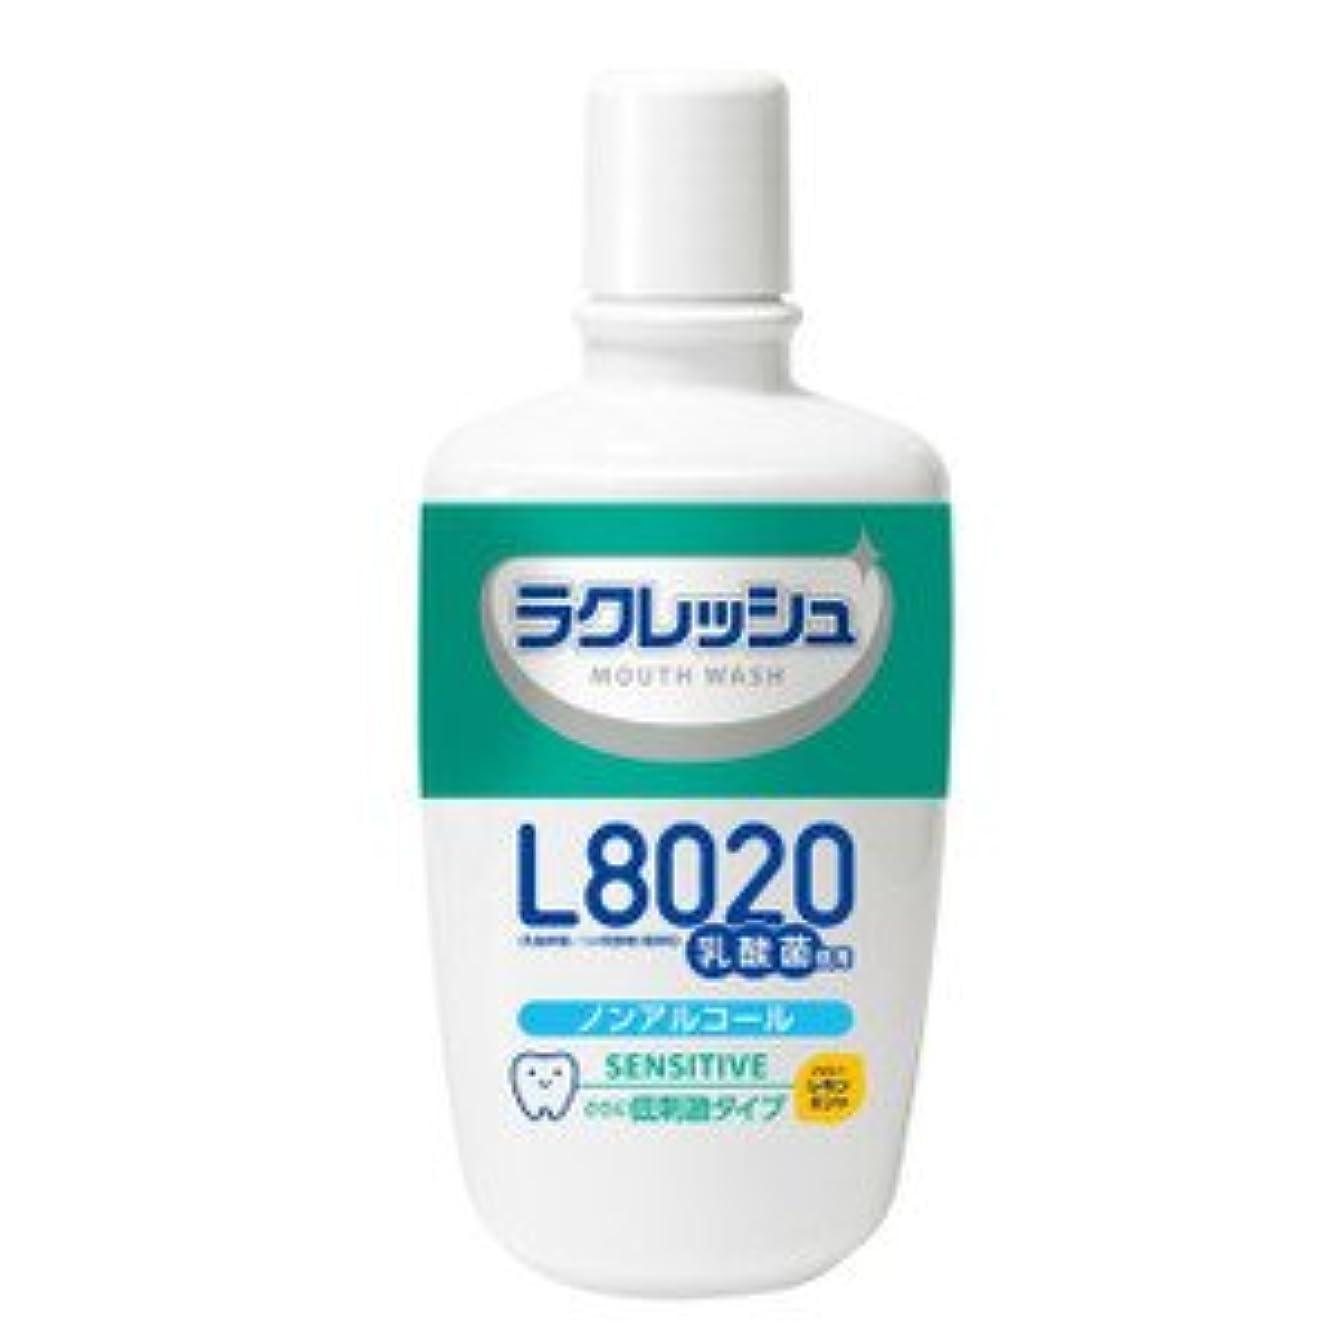 土再集計煙ジェクス ラクレッシュ L8020乳酸菌 マウスウォッシュ 洗口液センシティブタイプ 300ml×10個セット